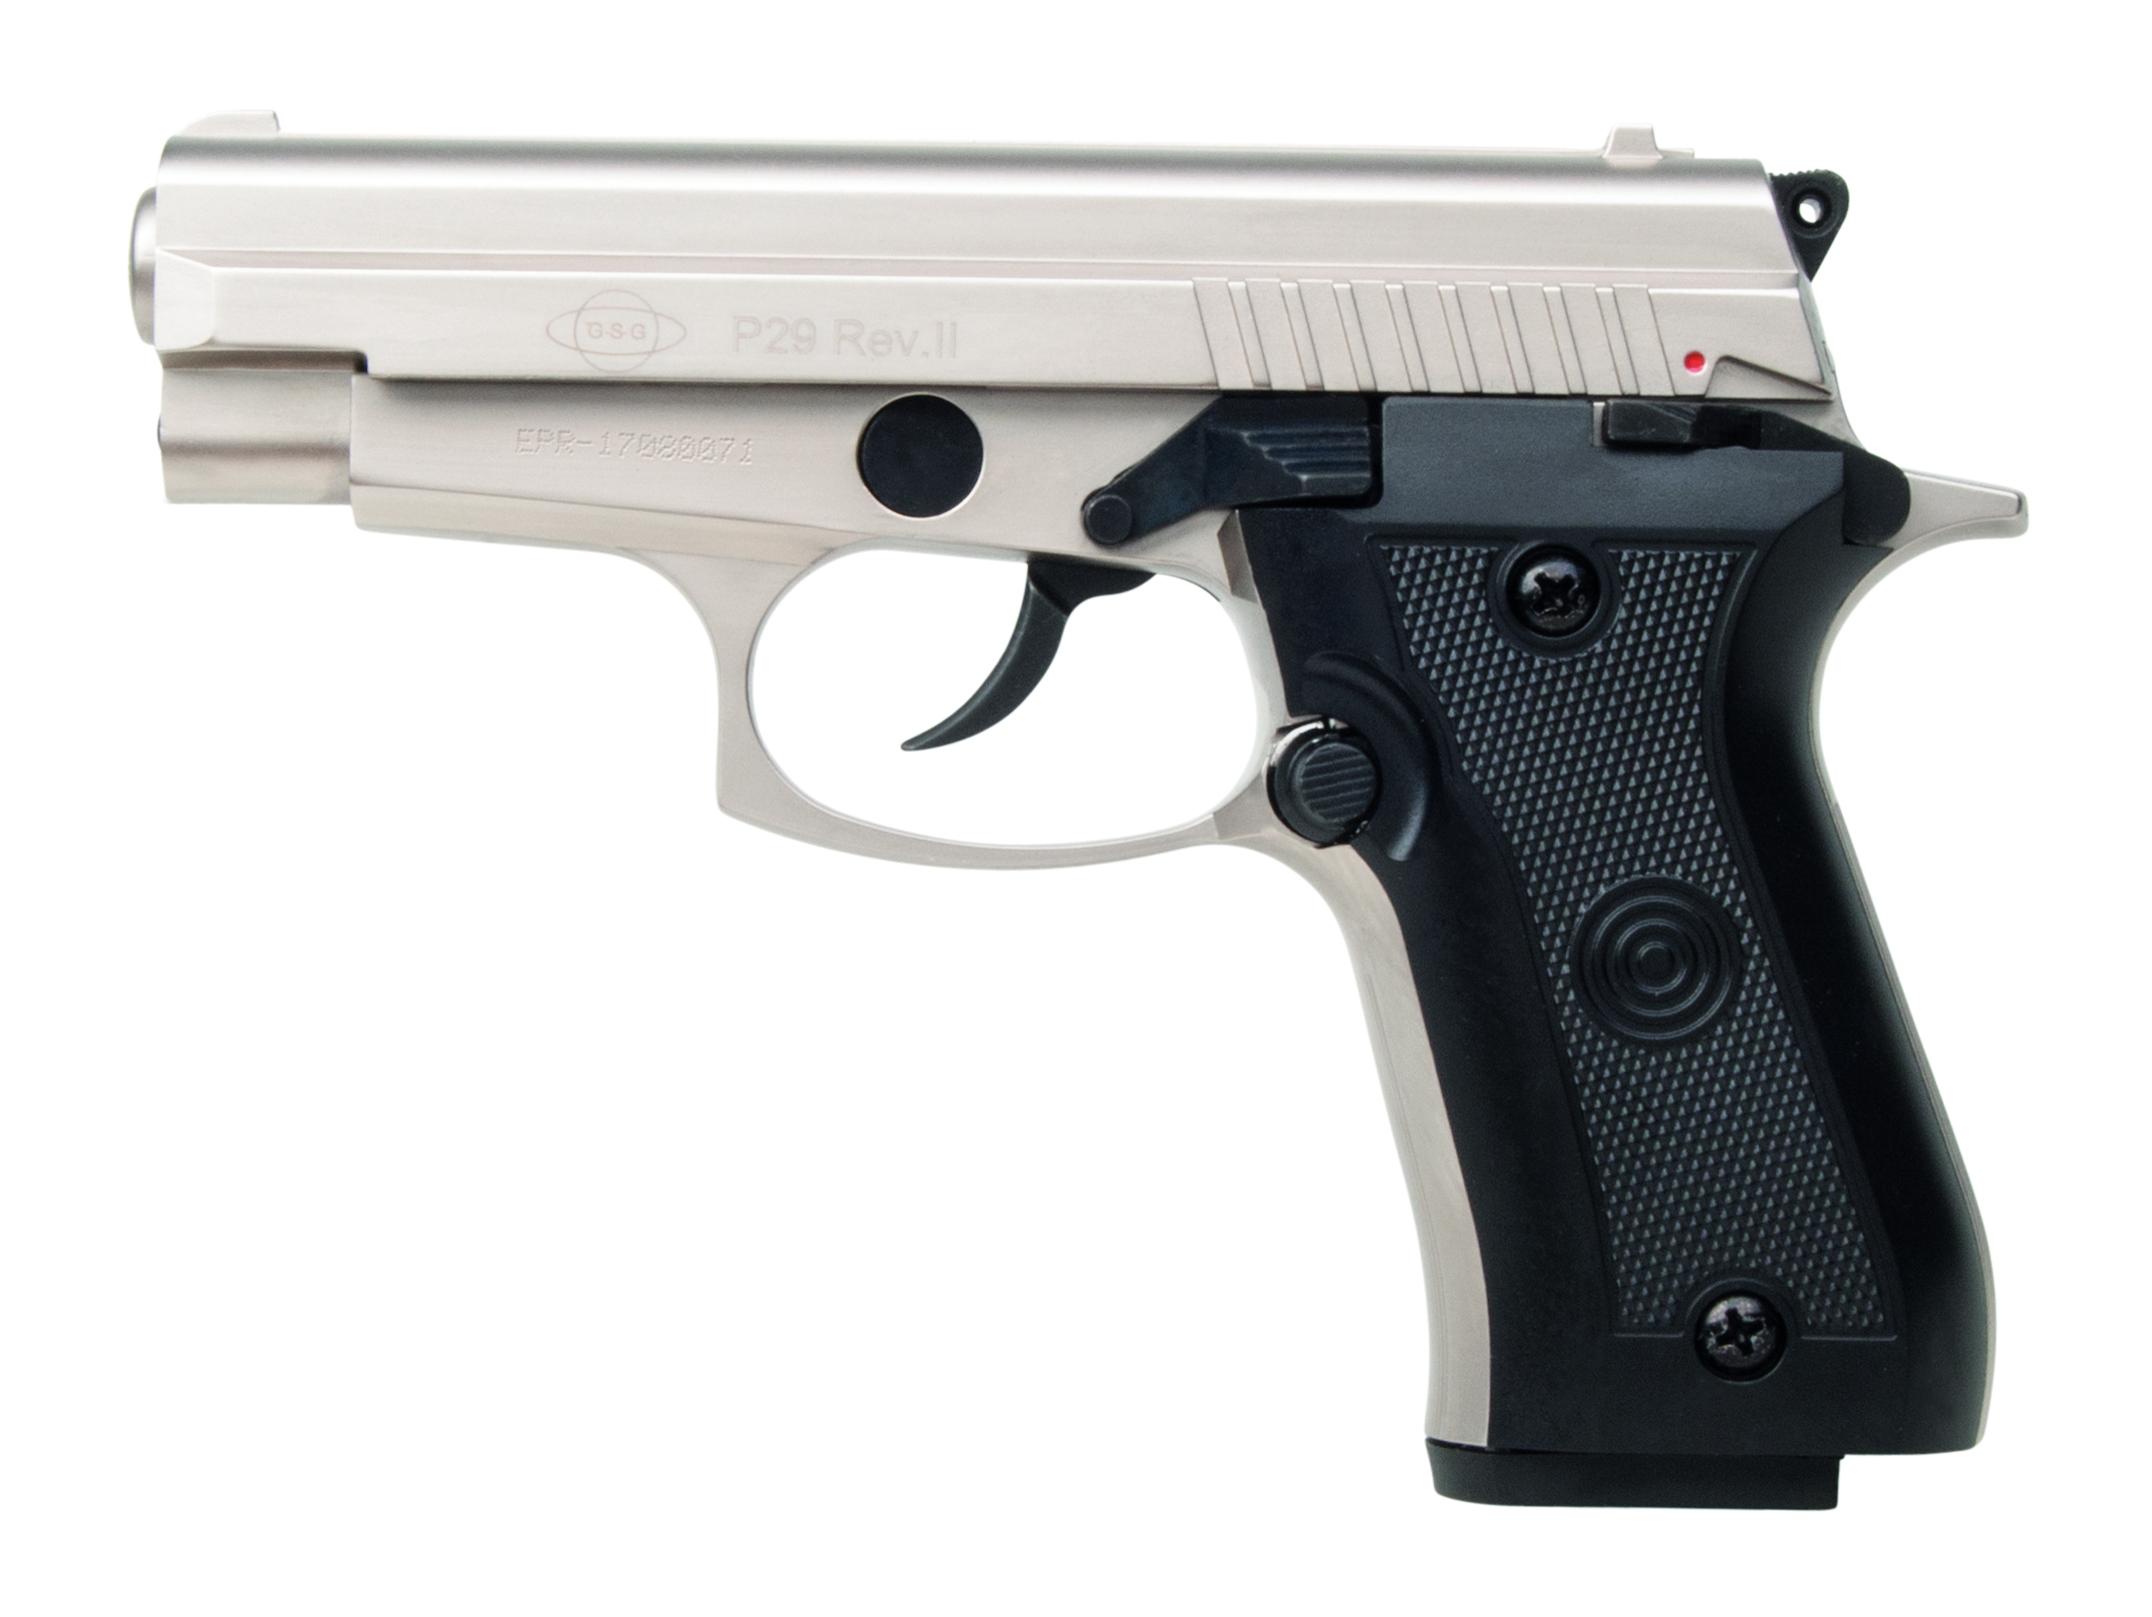 schreckschusspistole ekol p29 rev ii 9mm p a k nickel. Black Bedroom Furniture Sets. Home Design Ideas